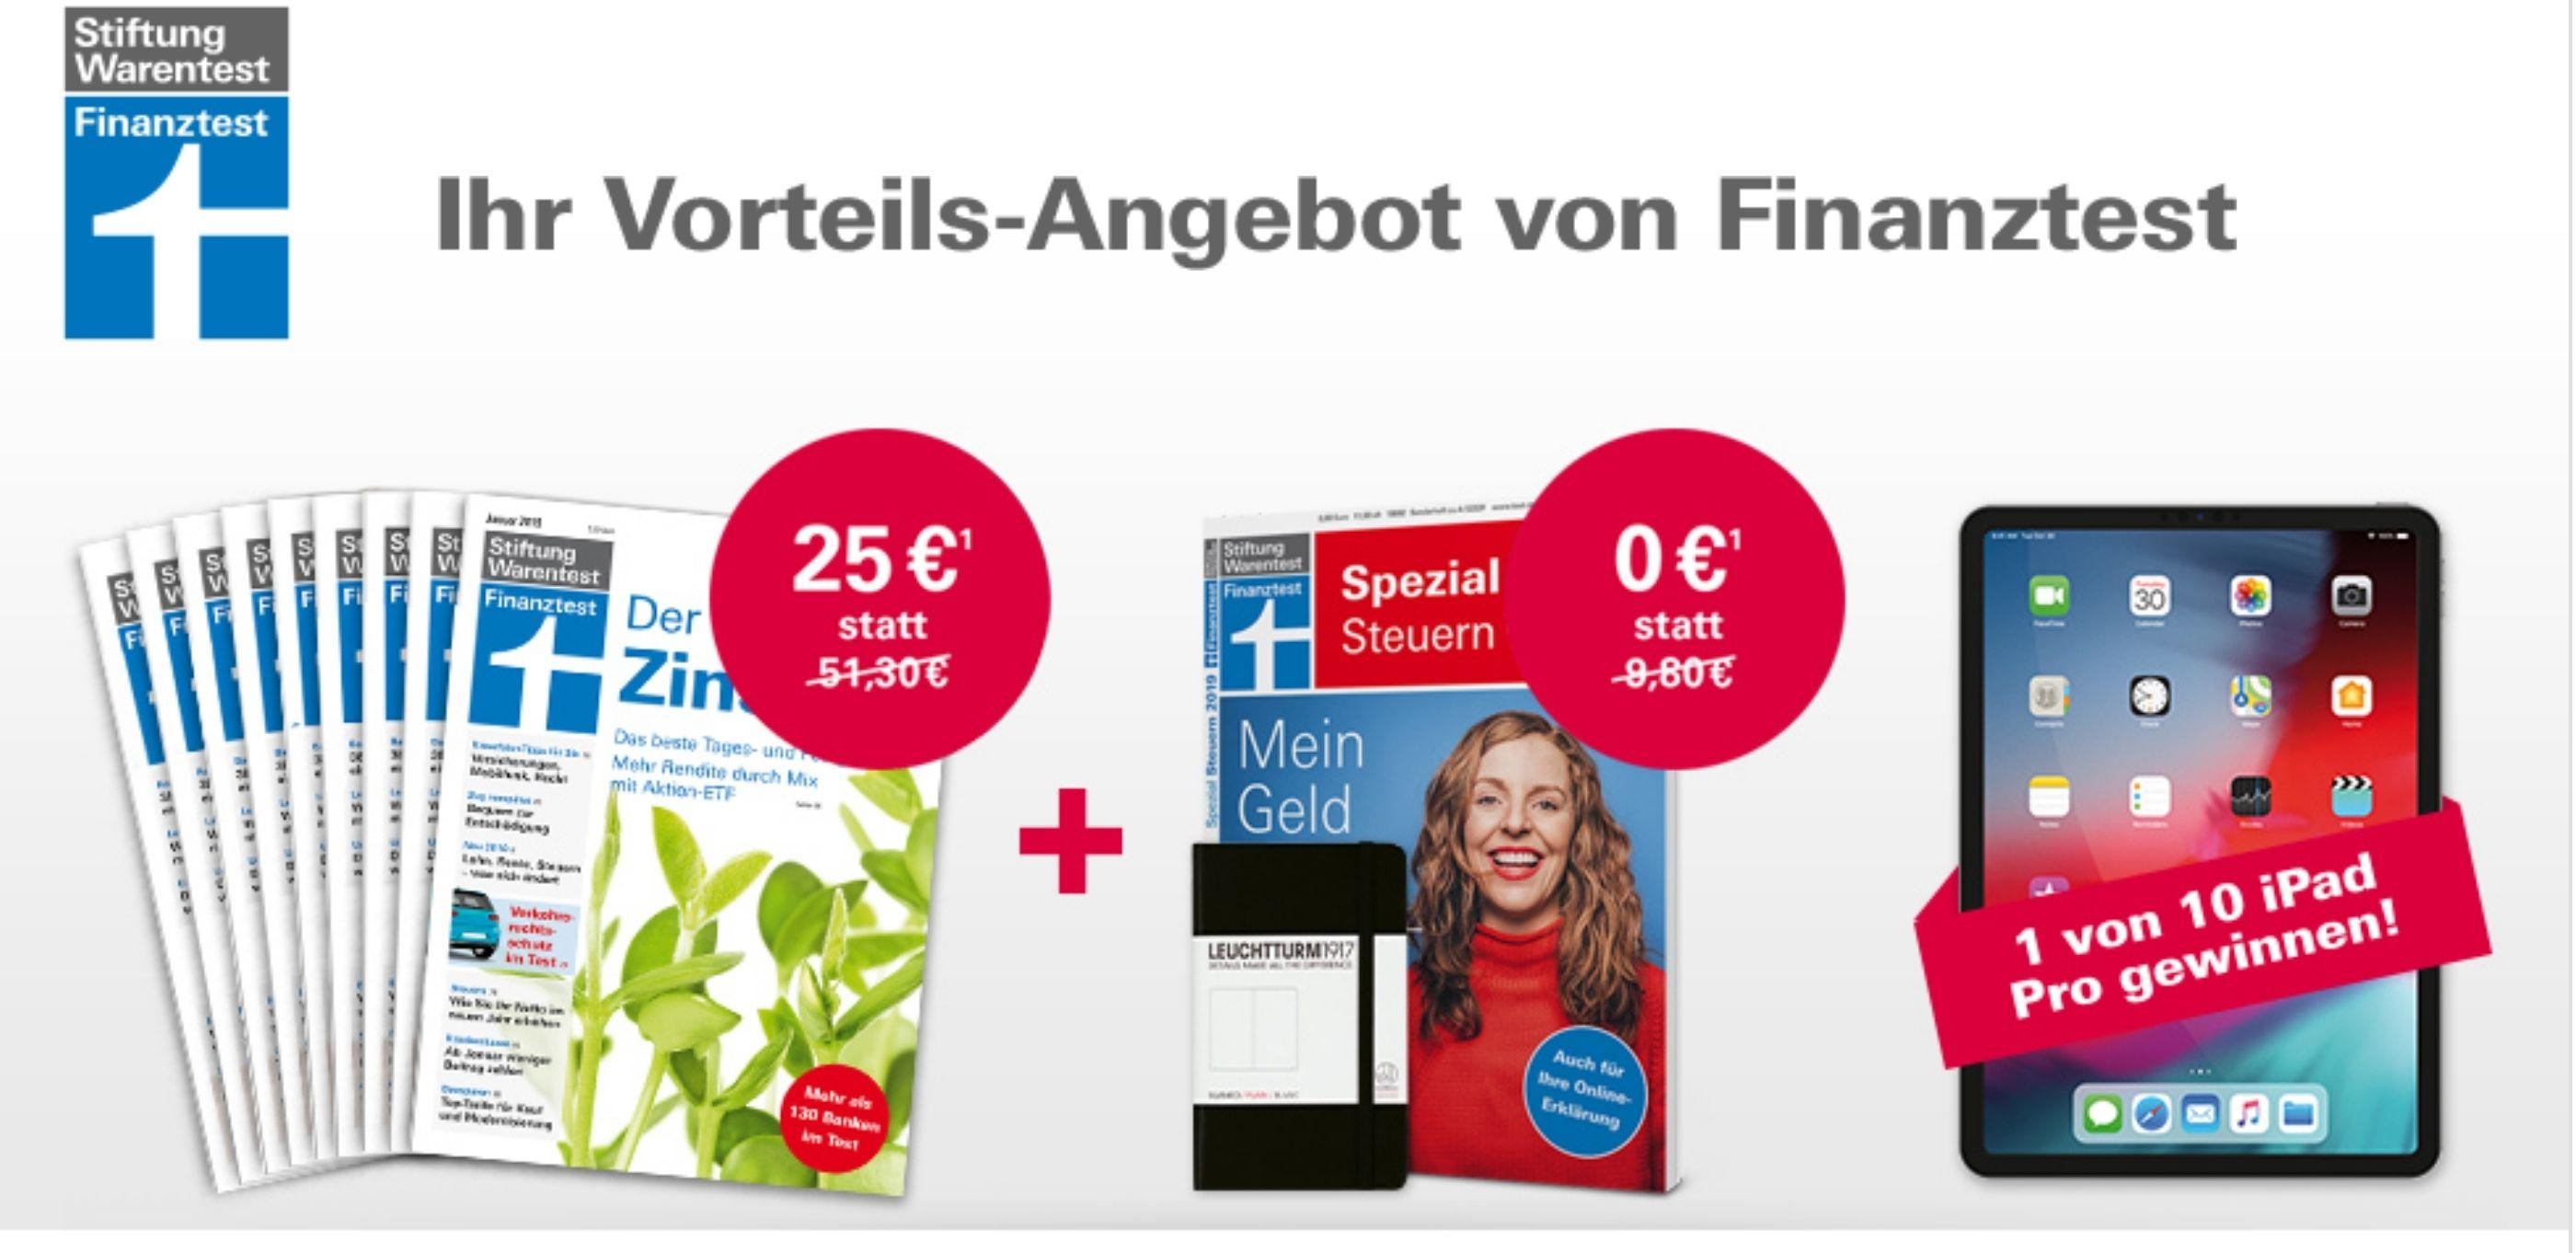 [Stiftung Warentest] 9 x Finanztest + Spezial Steuern 2019 + Notizbuch von Leuchtturm